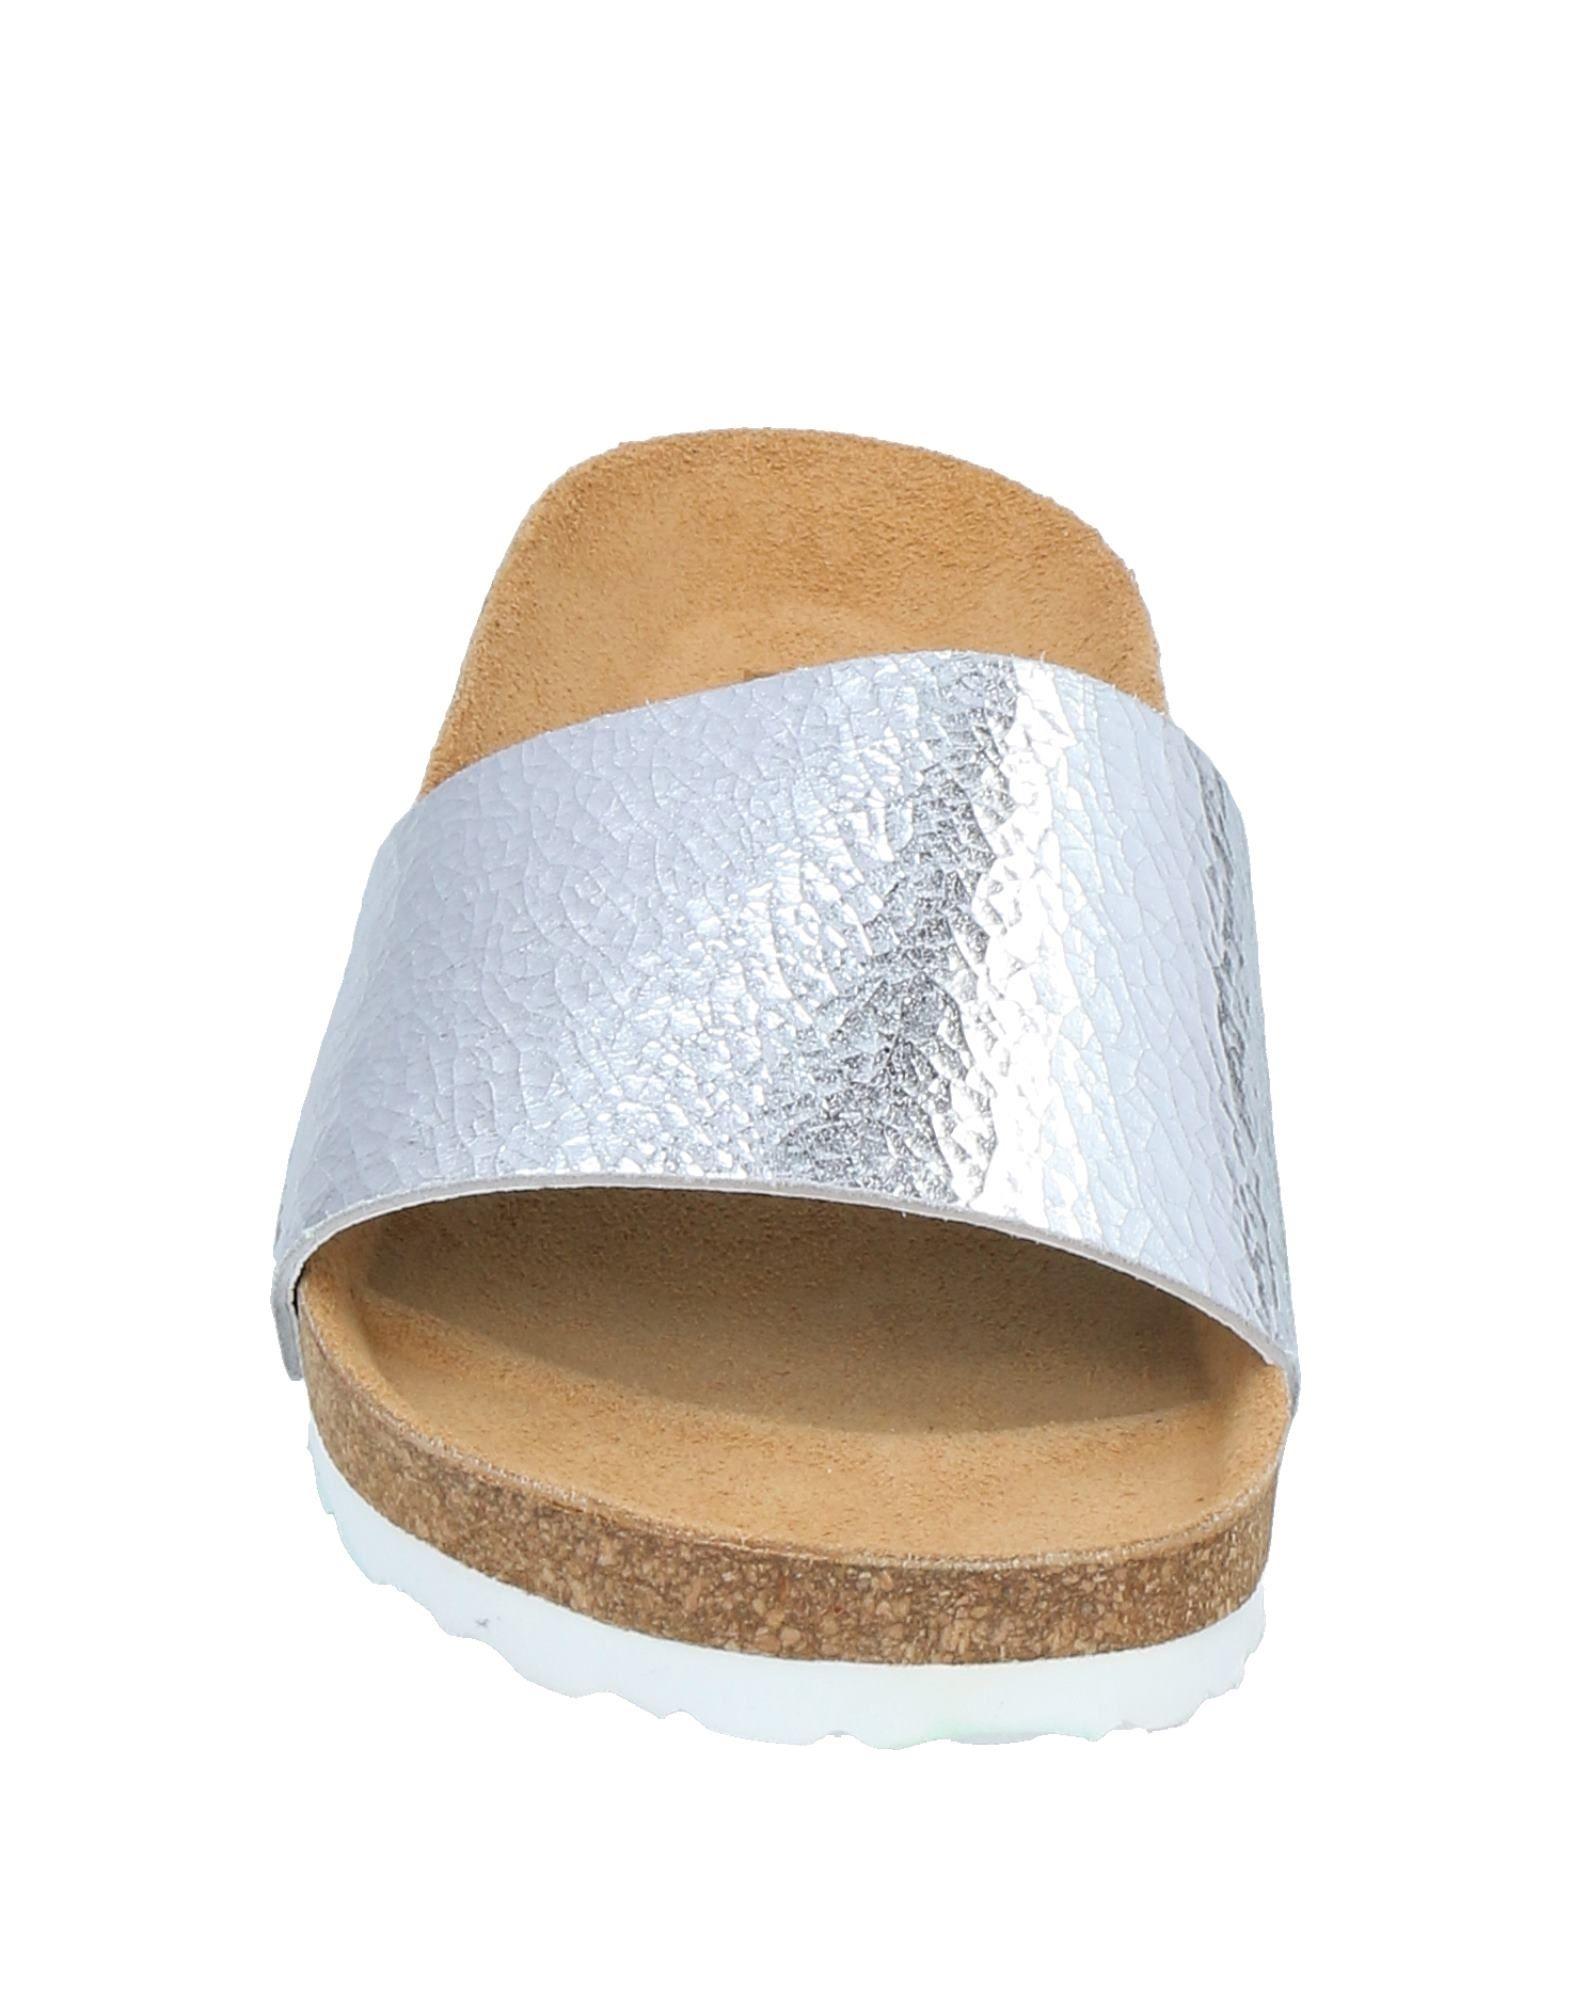 Town Damen Sandalen Damen Town  11520821HE Gute Qualität beliebte Schuhe 976134